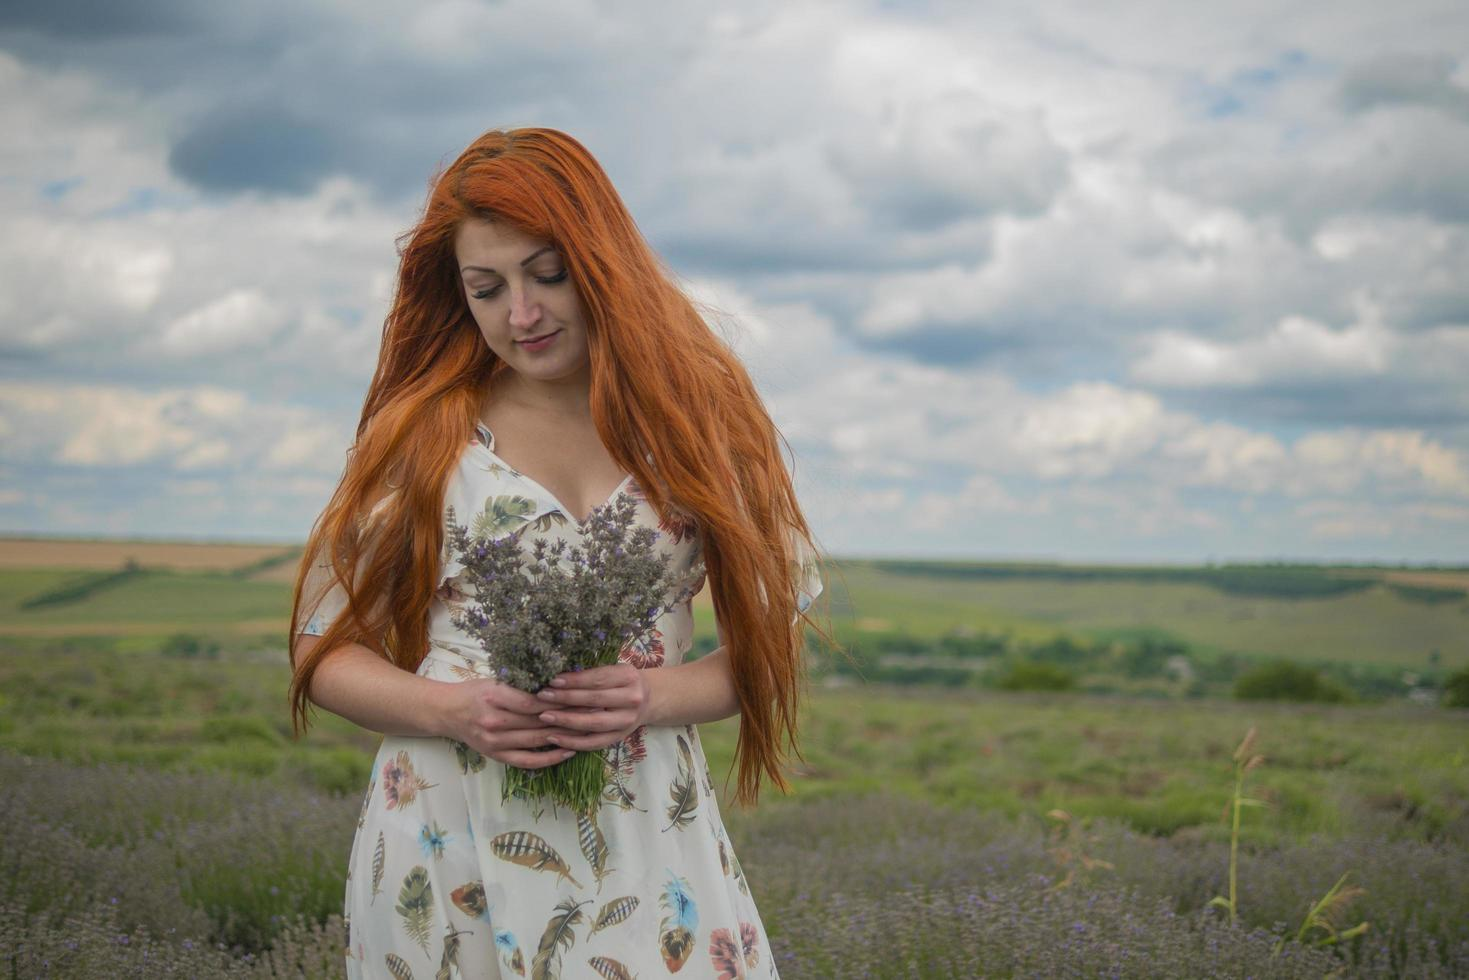 Retrato de una joven pelirroja con un vestido blanco en un campo con un ramo de lavanda foto